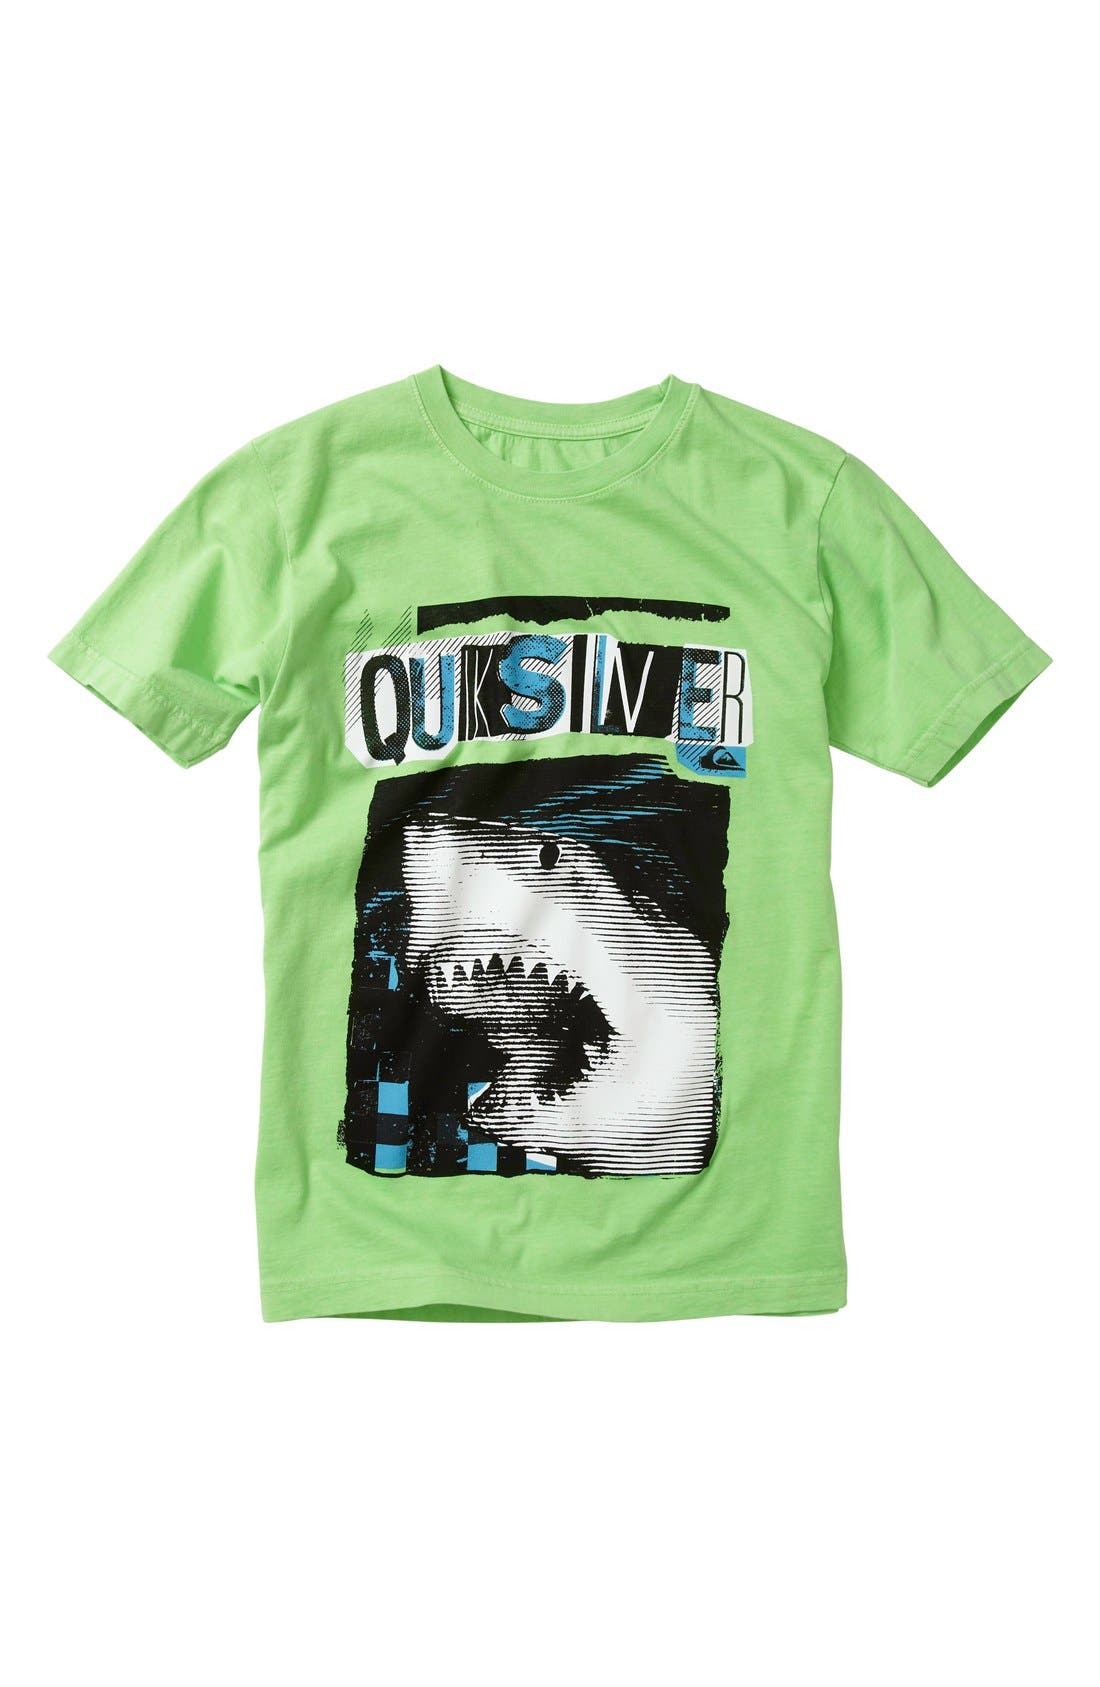 Main Image - Quiksilver 'Bitten' Short Sleeve T-Shirt (Little Boys)